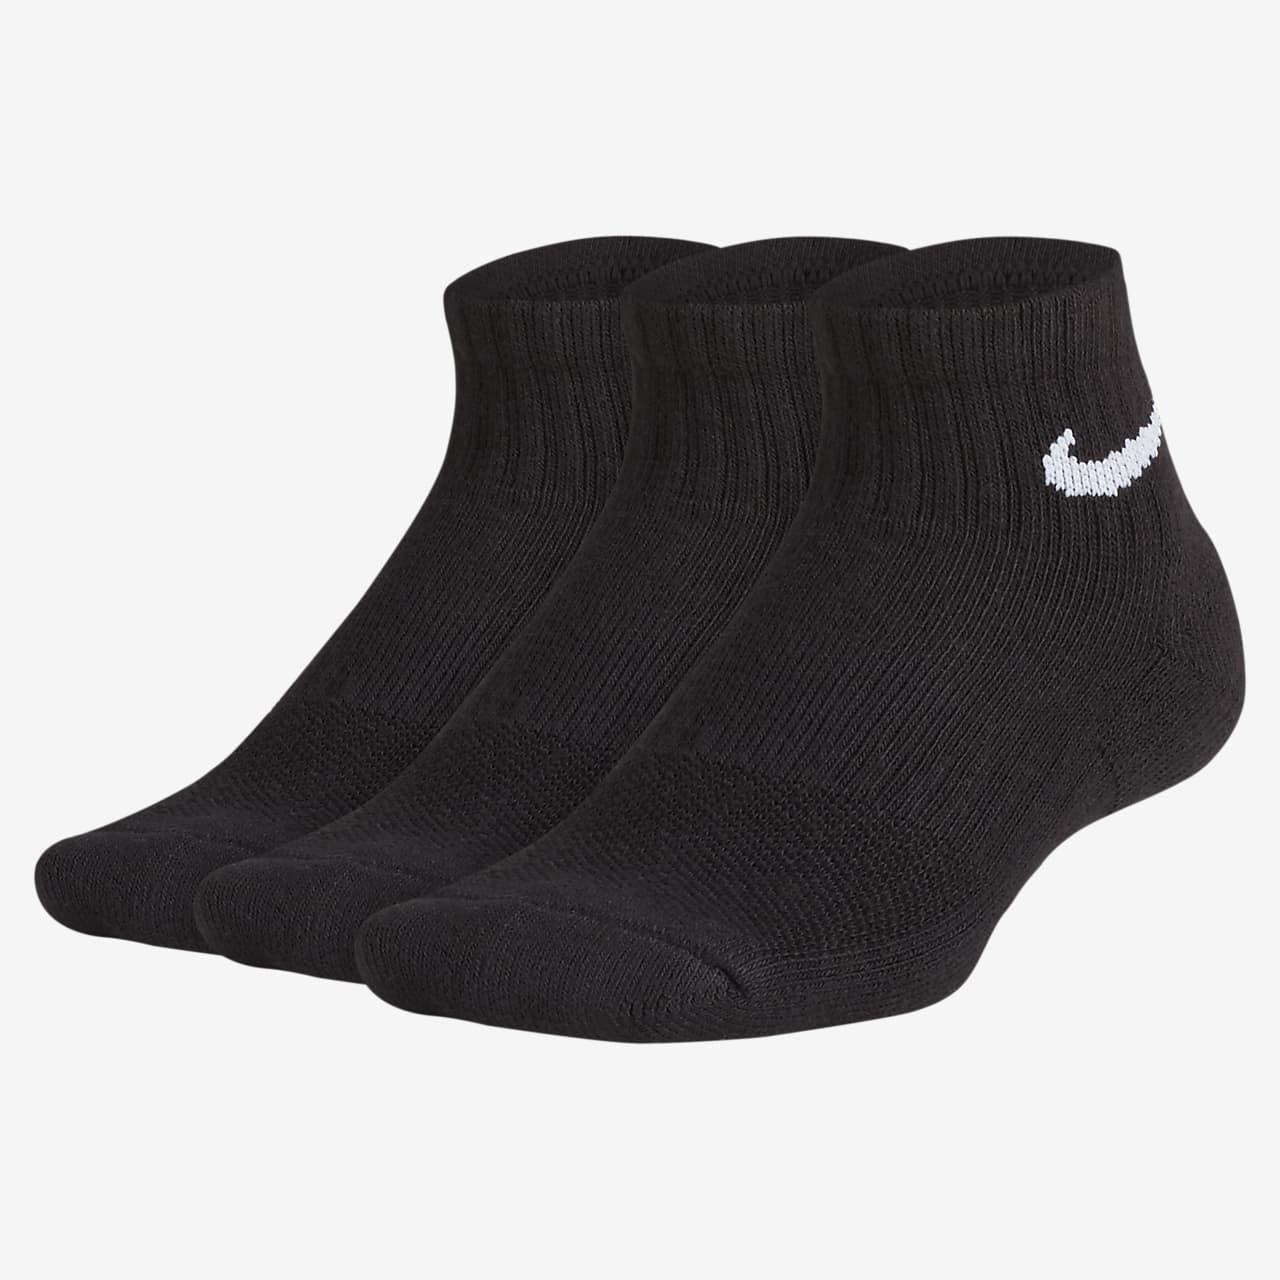 Nike Everyday Enkelsokken met demping voor kids (3 paar)